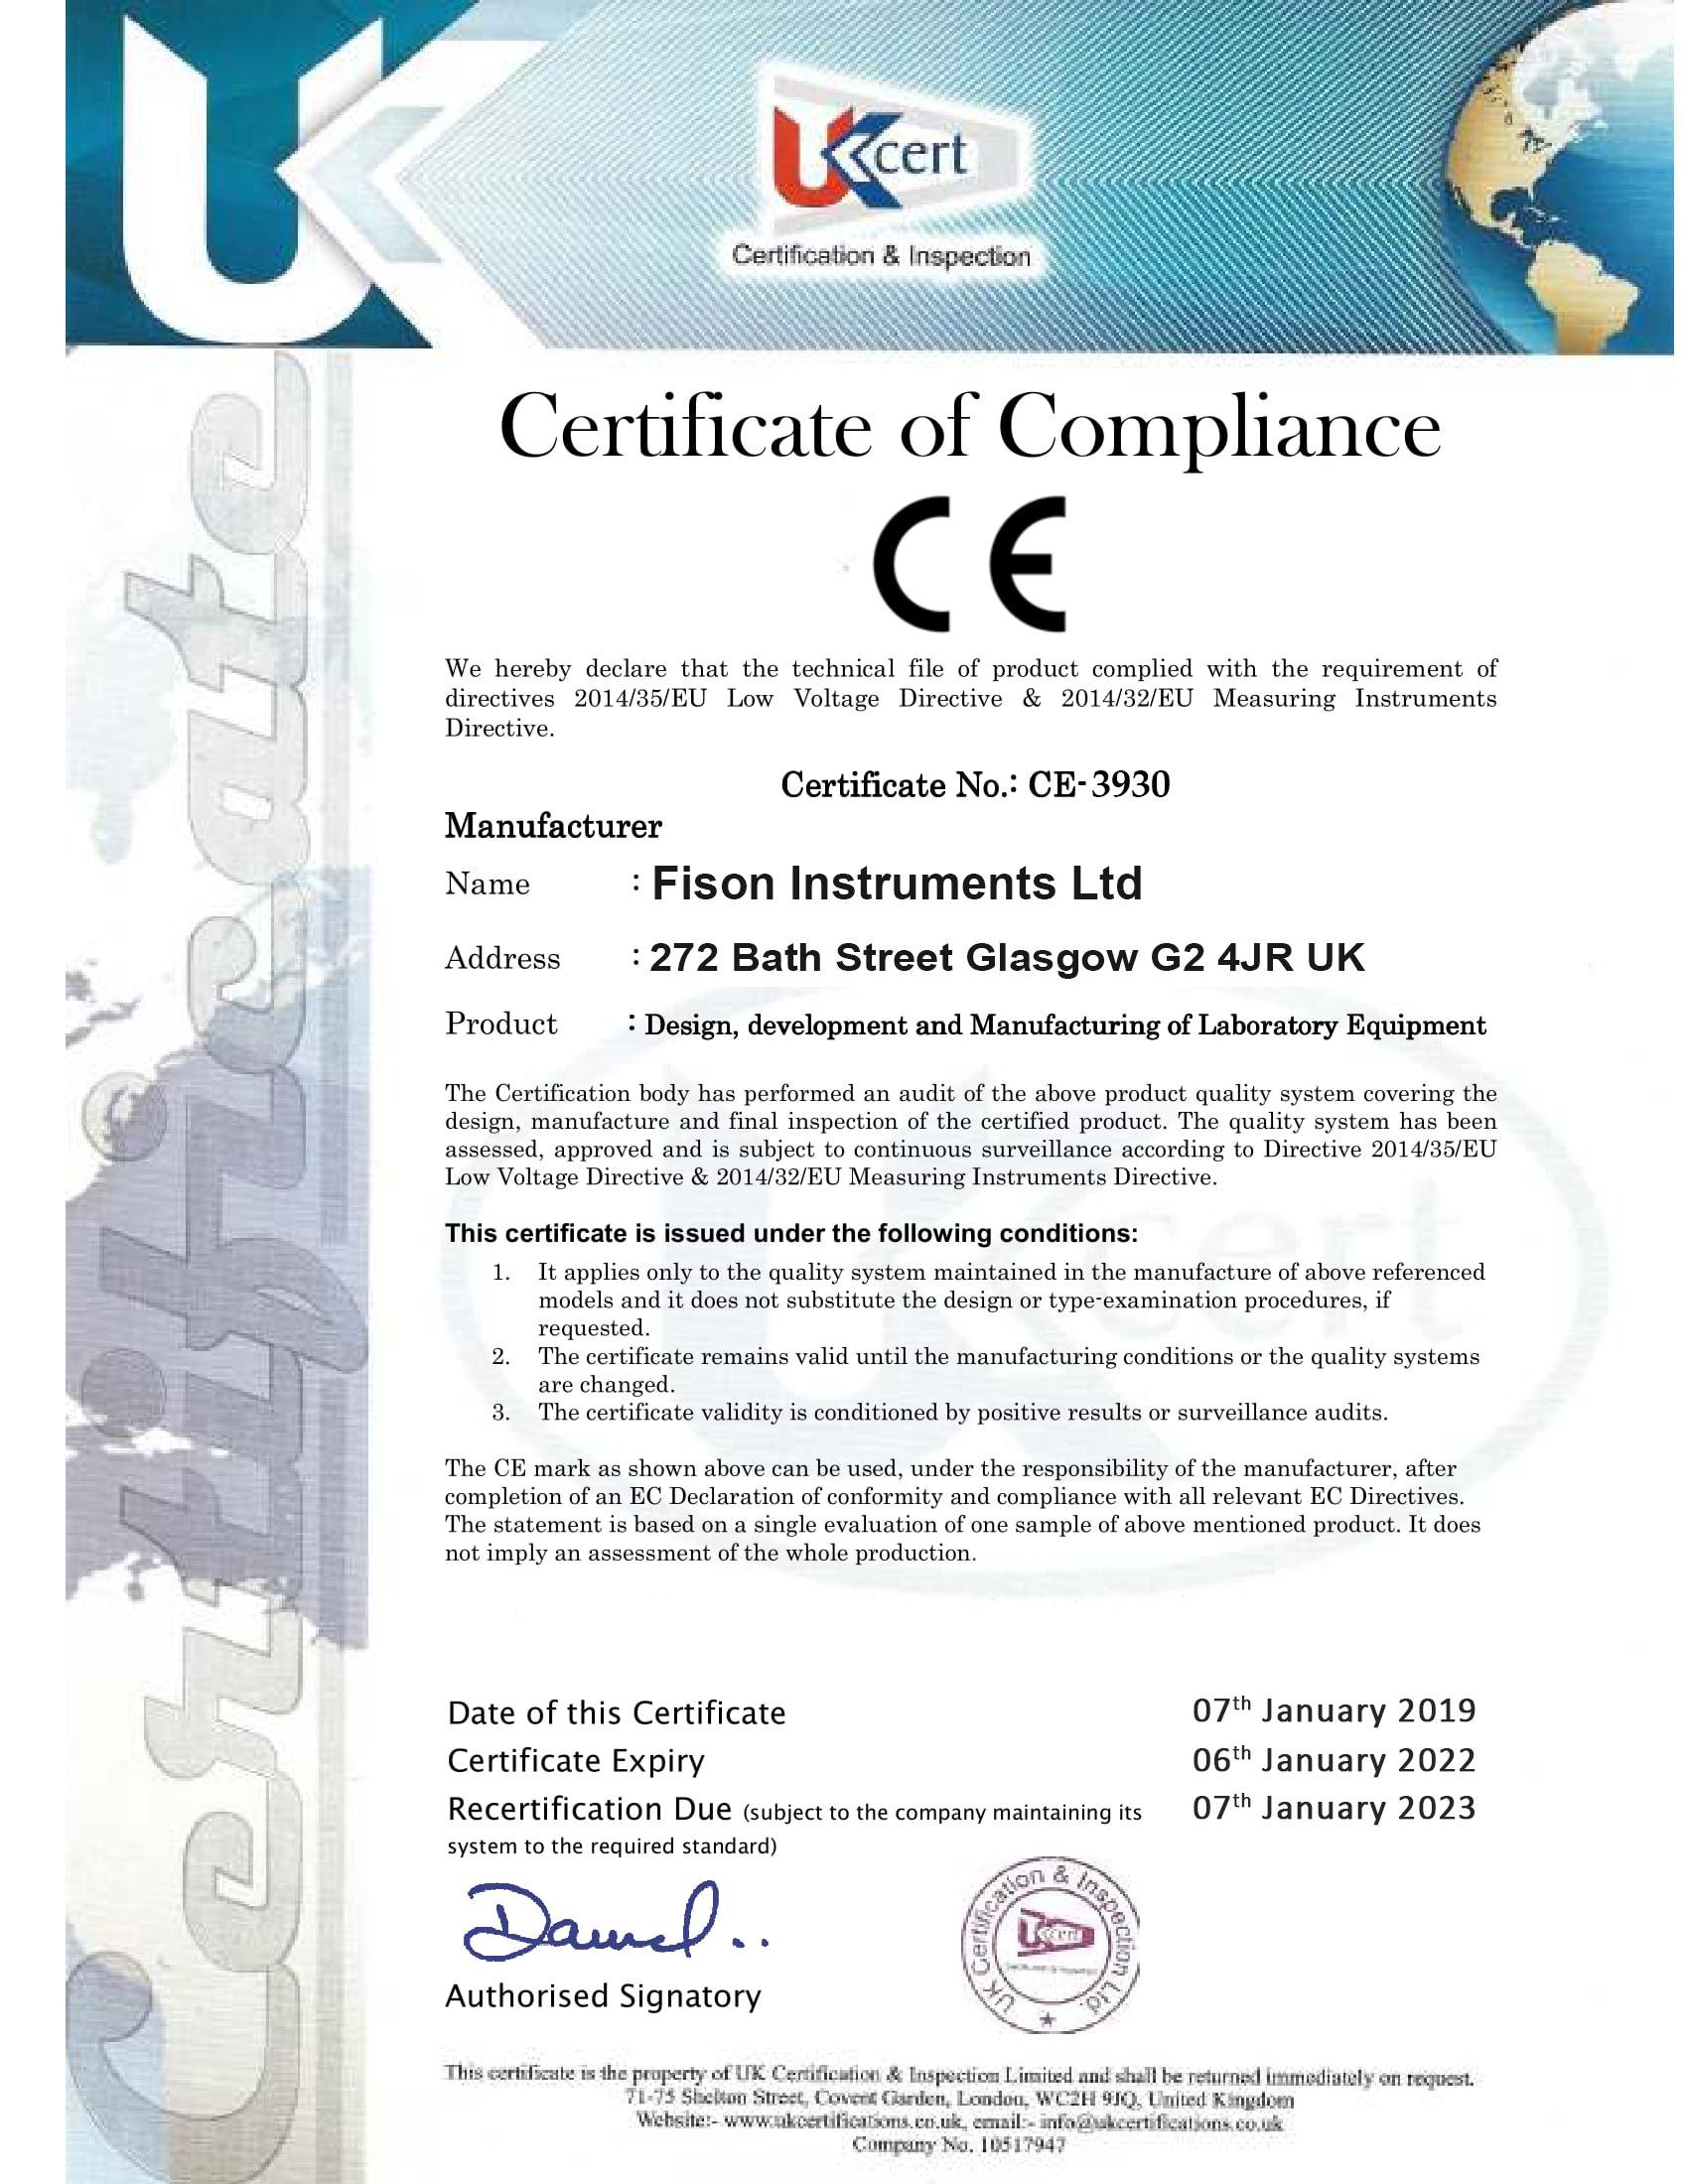 Fison Instruments Ltd CE-3930